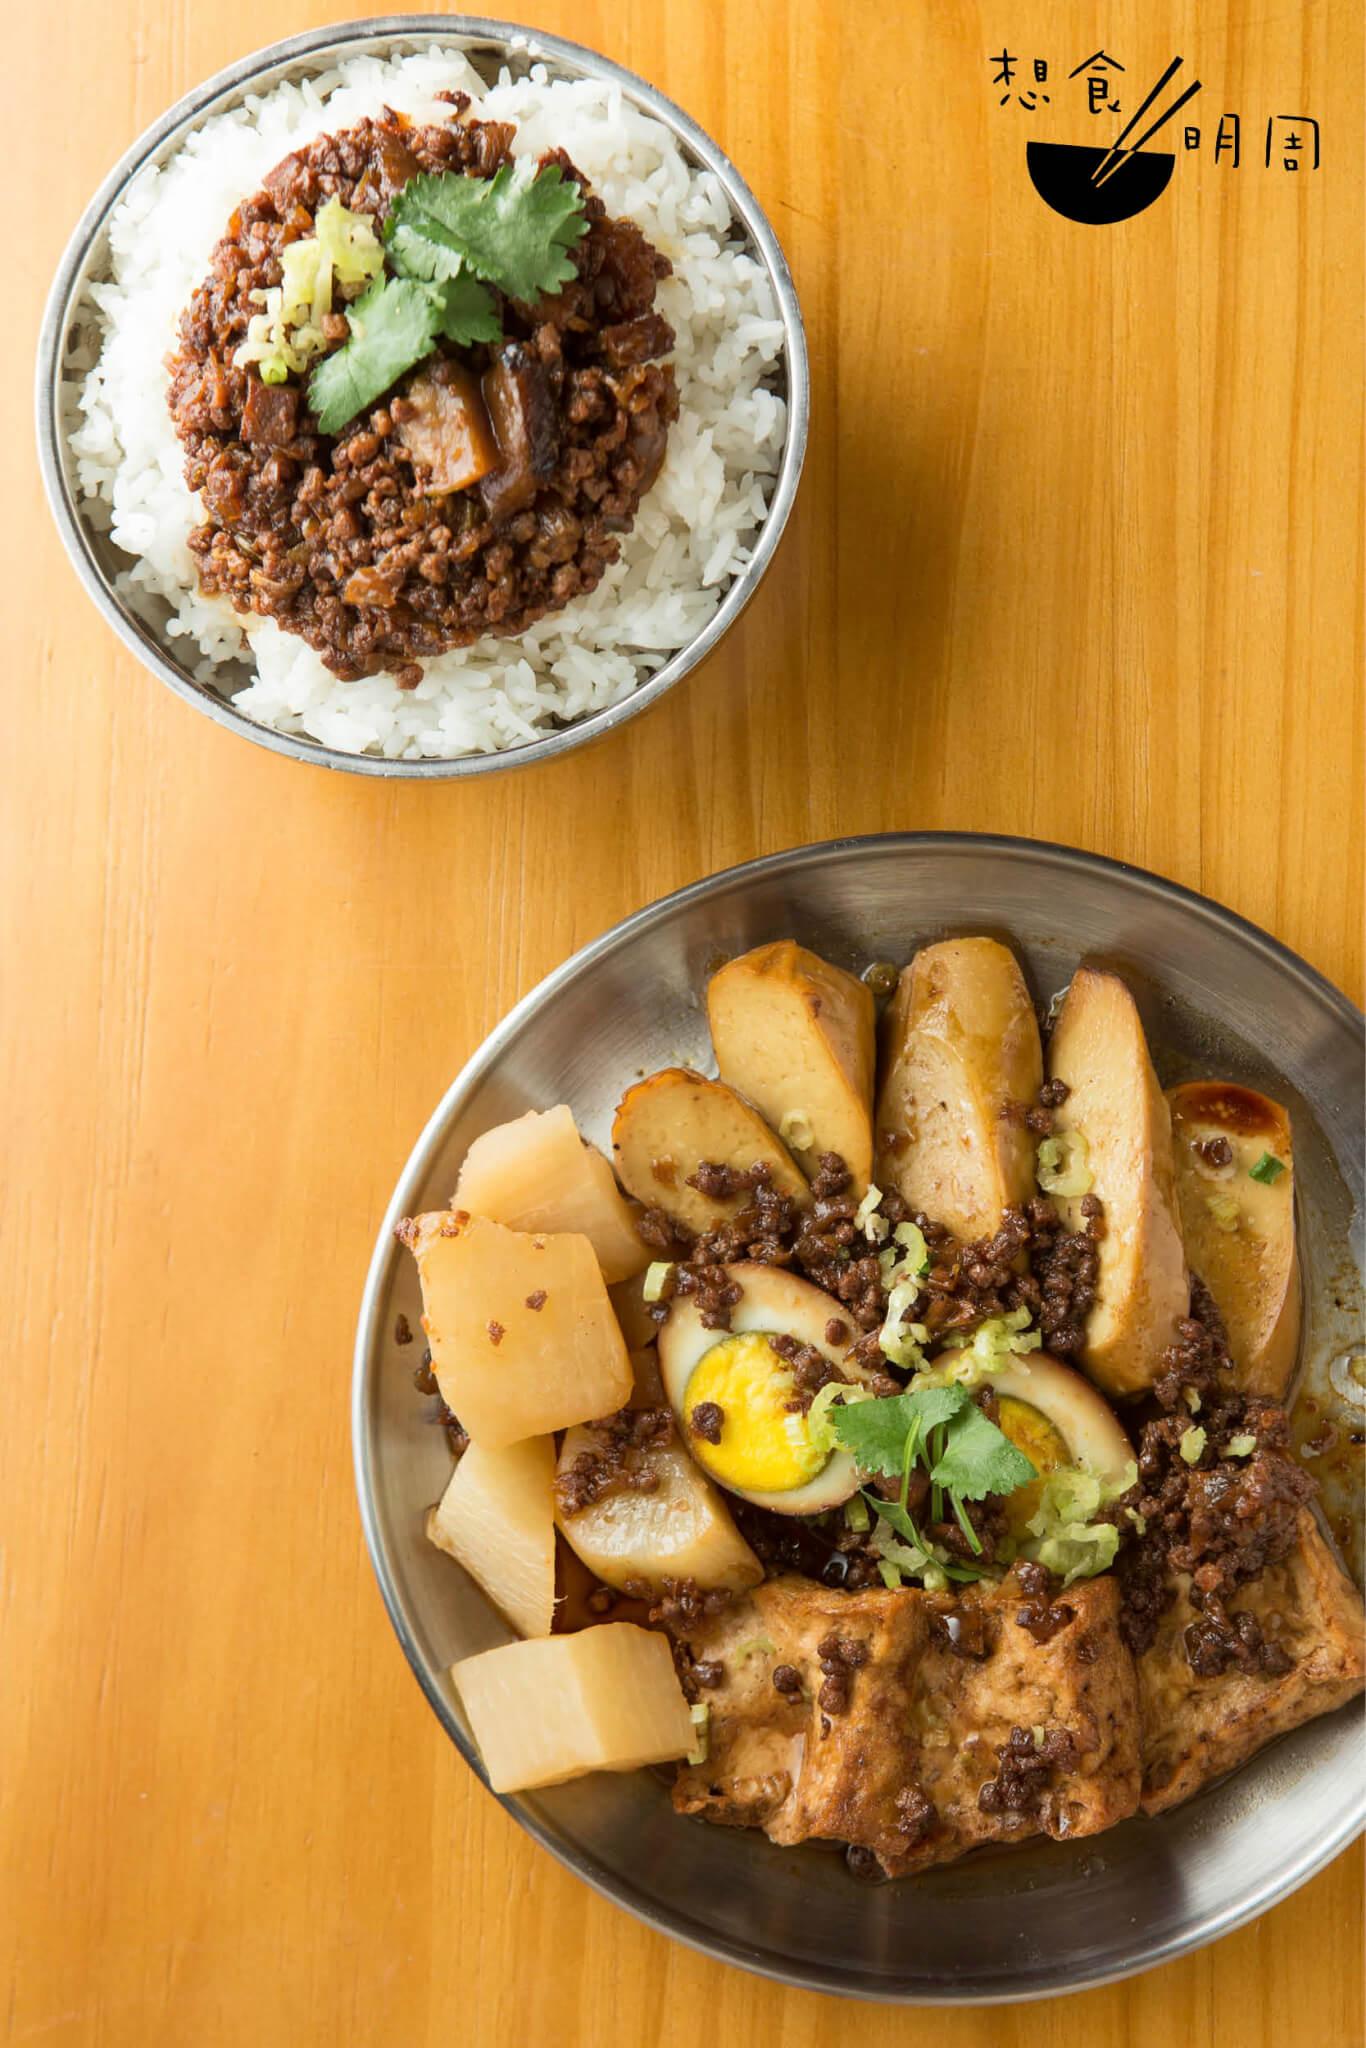 台式滷水拼盤配台式肉燥飯 // 素碎肉依照台式肉燥的方式及口味製成,一如既往地好佐飯。蛋、豆腐、蘿蔔等合組成滷水拼盤,真有幾分「古早味」。($75-$85)